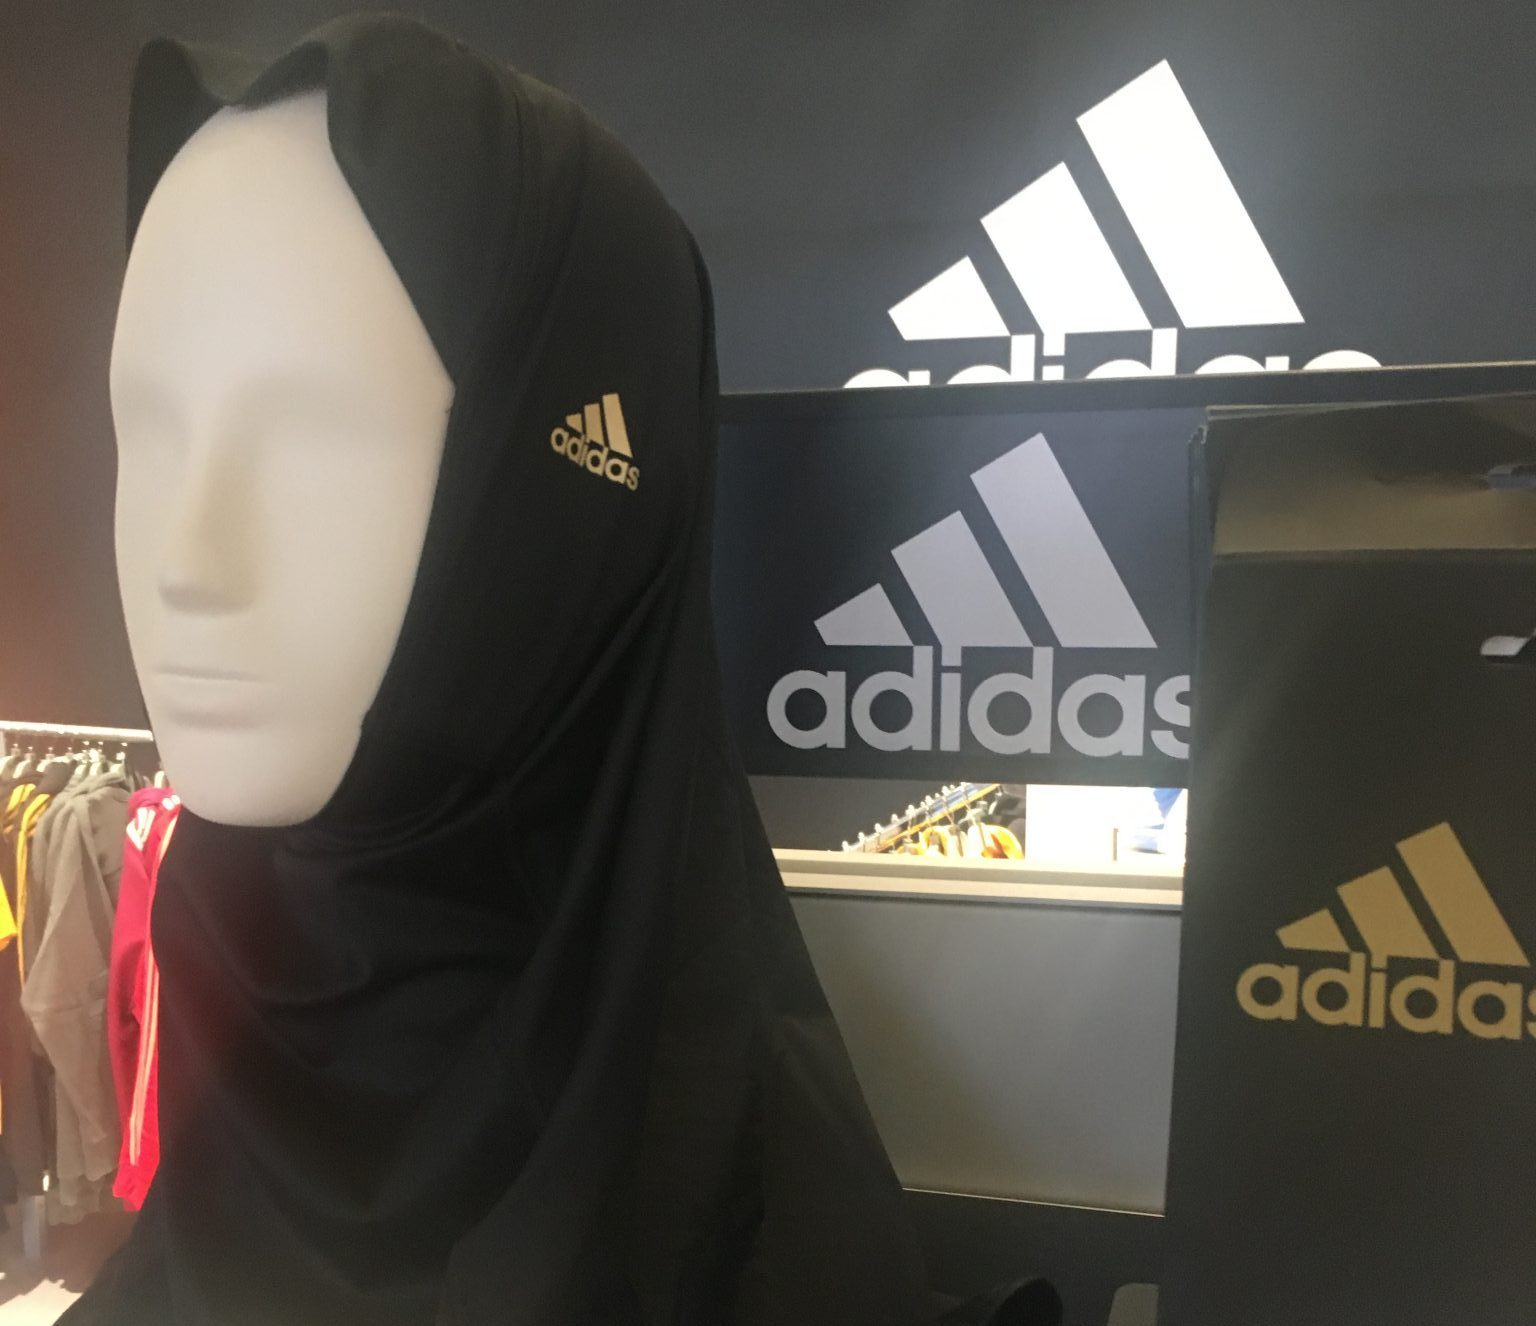 Burca da Adidas